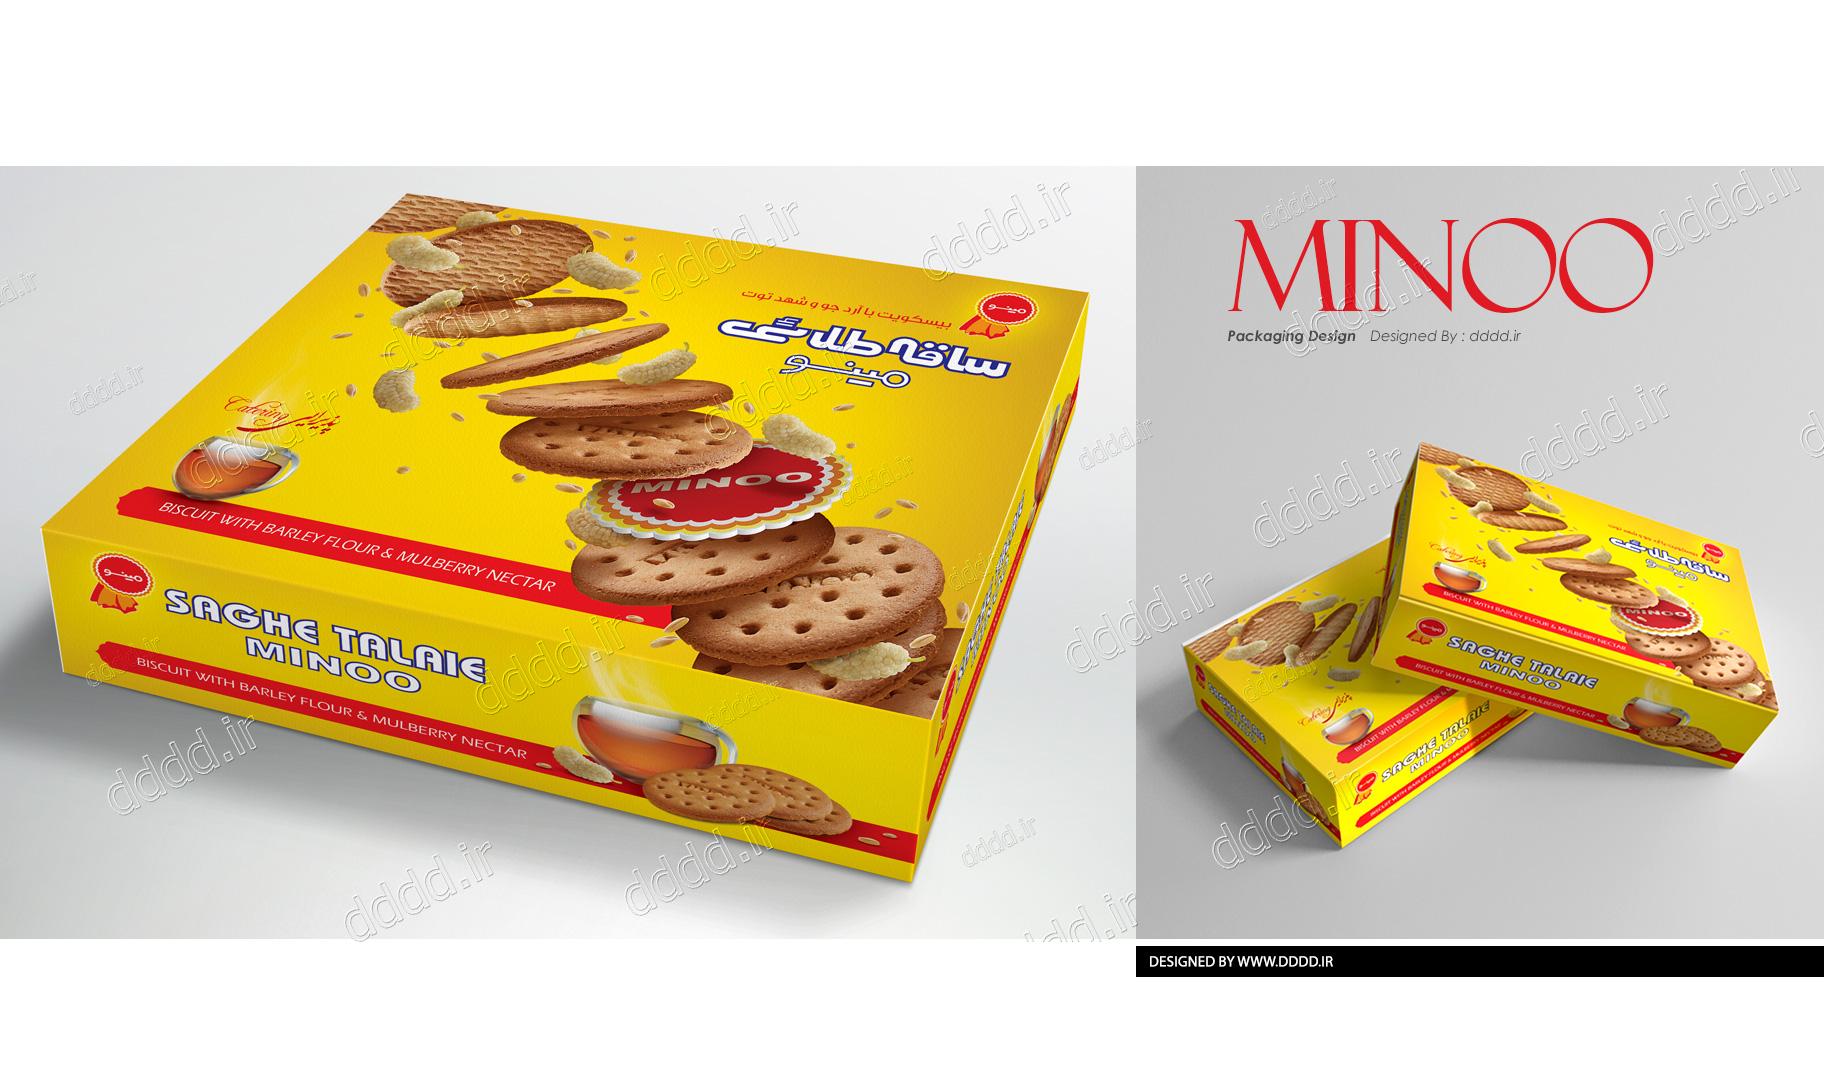 طراحی بسته بندی بیسکوئیت ساقه طلایی جعبه ای مینو